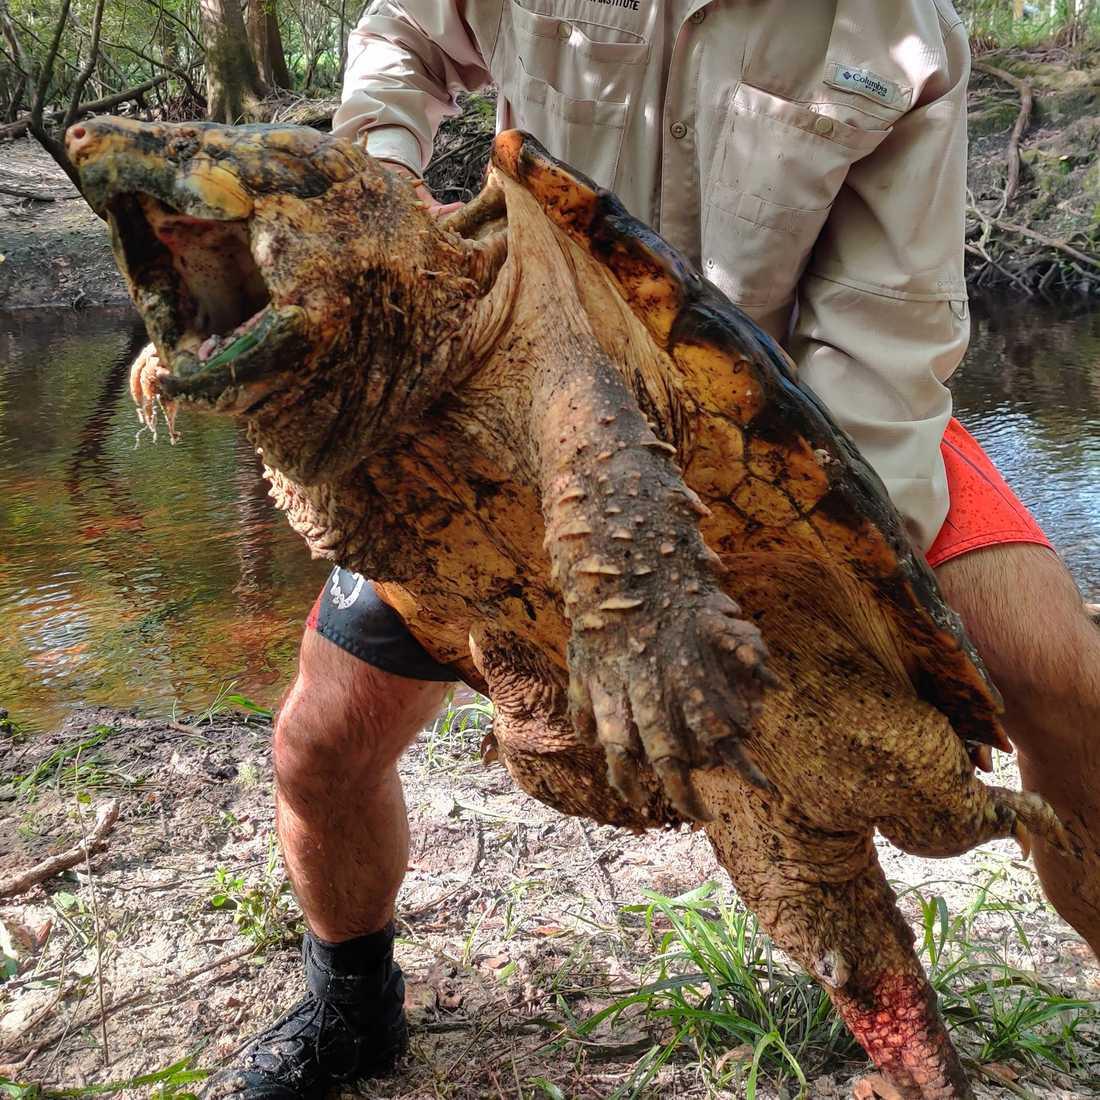 Sköldpaddans utmärkande drag är en näbbliknande mun, spetsigt skal och fjällande, tjock svans.